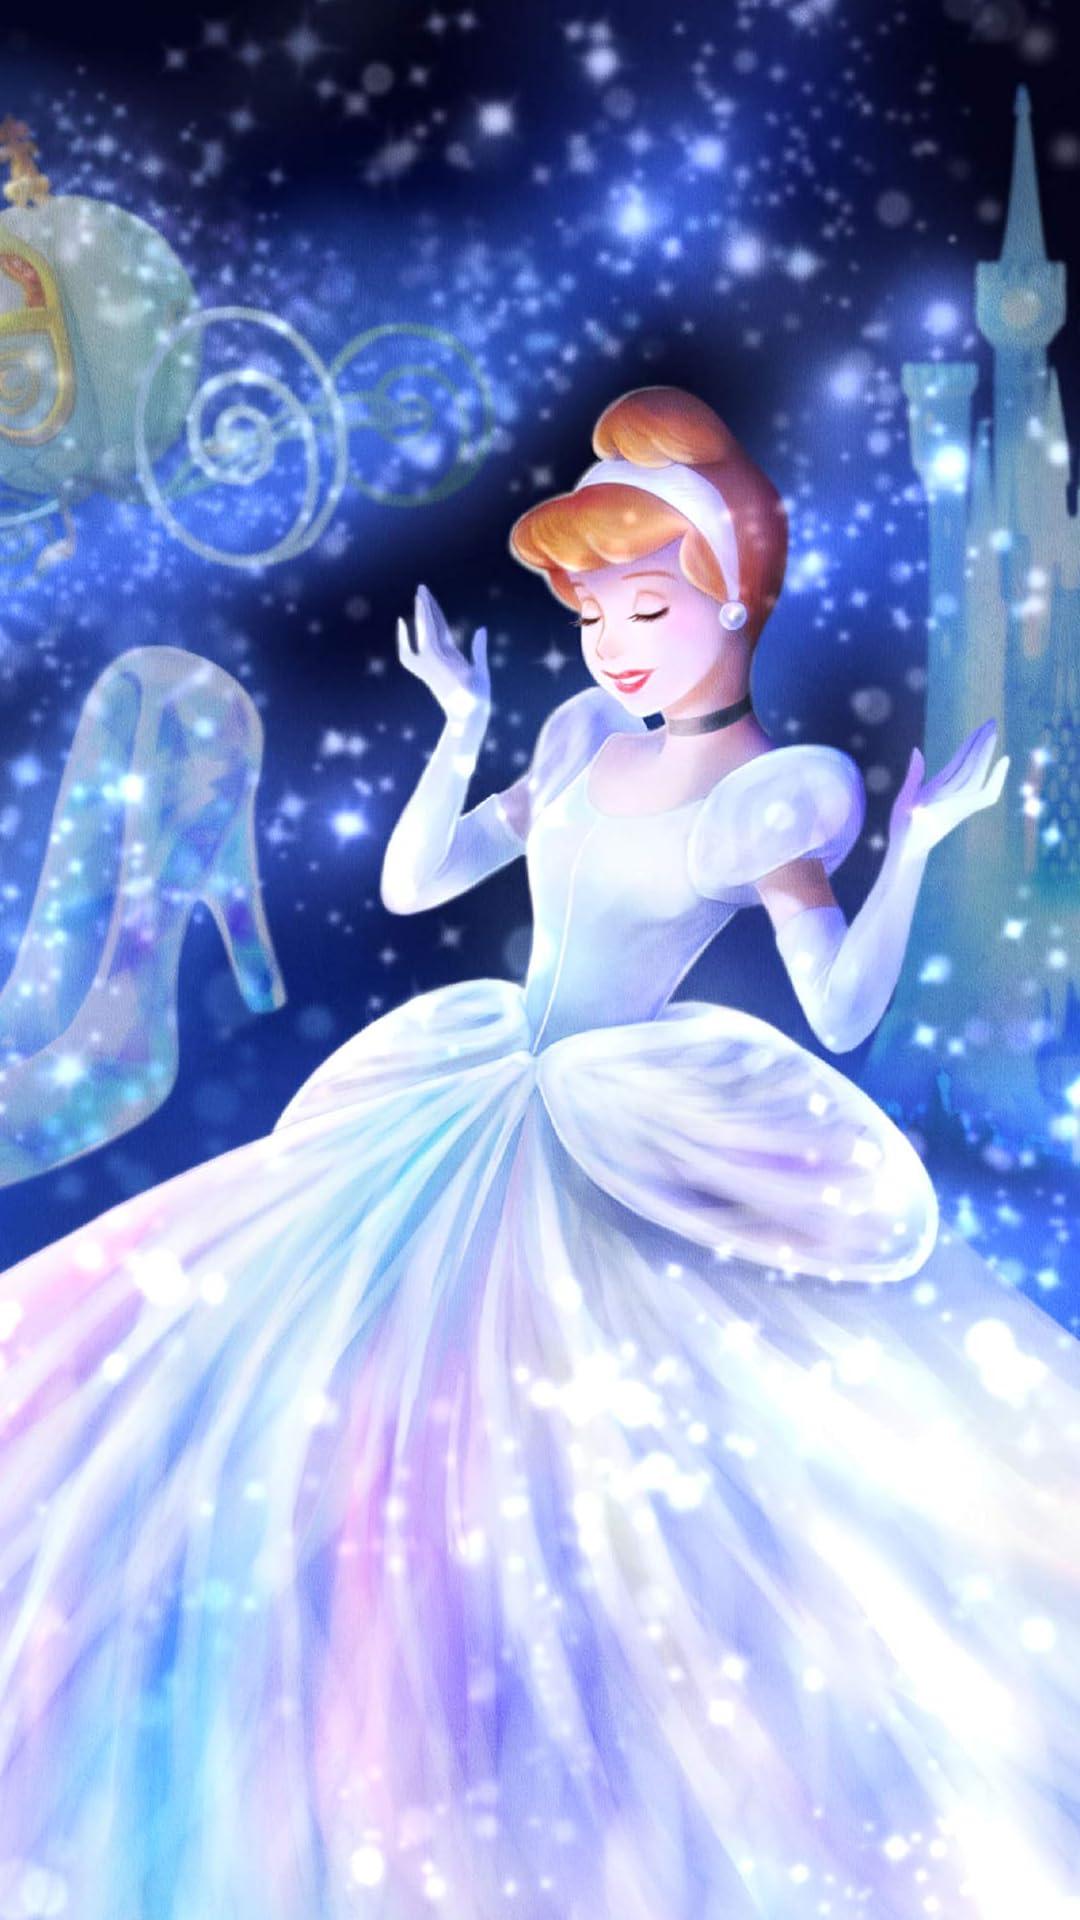 ディズニー フルhd10801920スマホ壁紙待受 魔法の光に包まれて